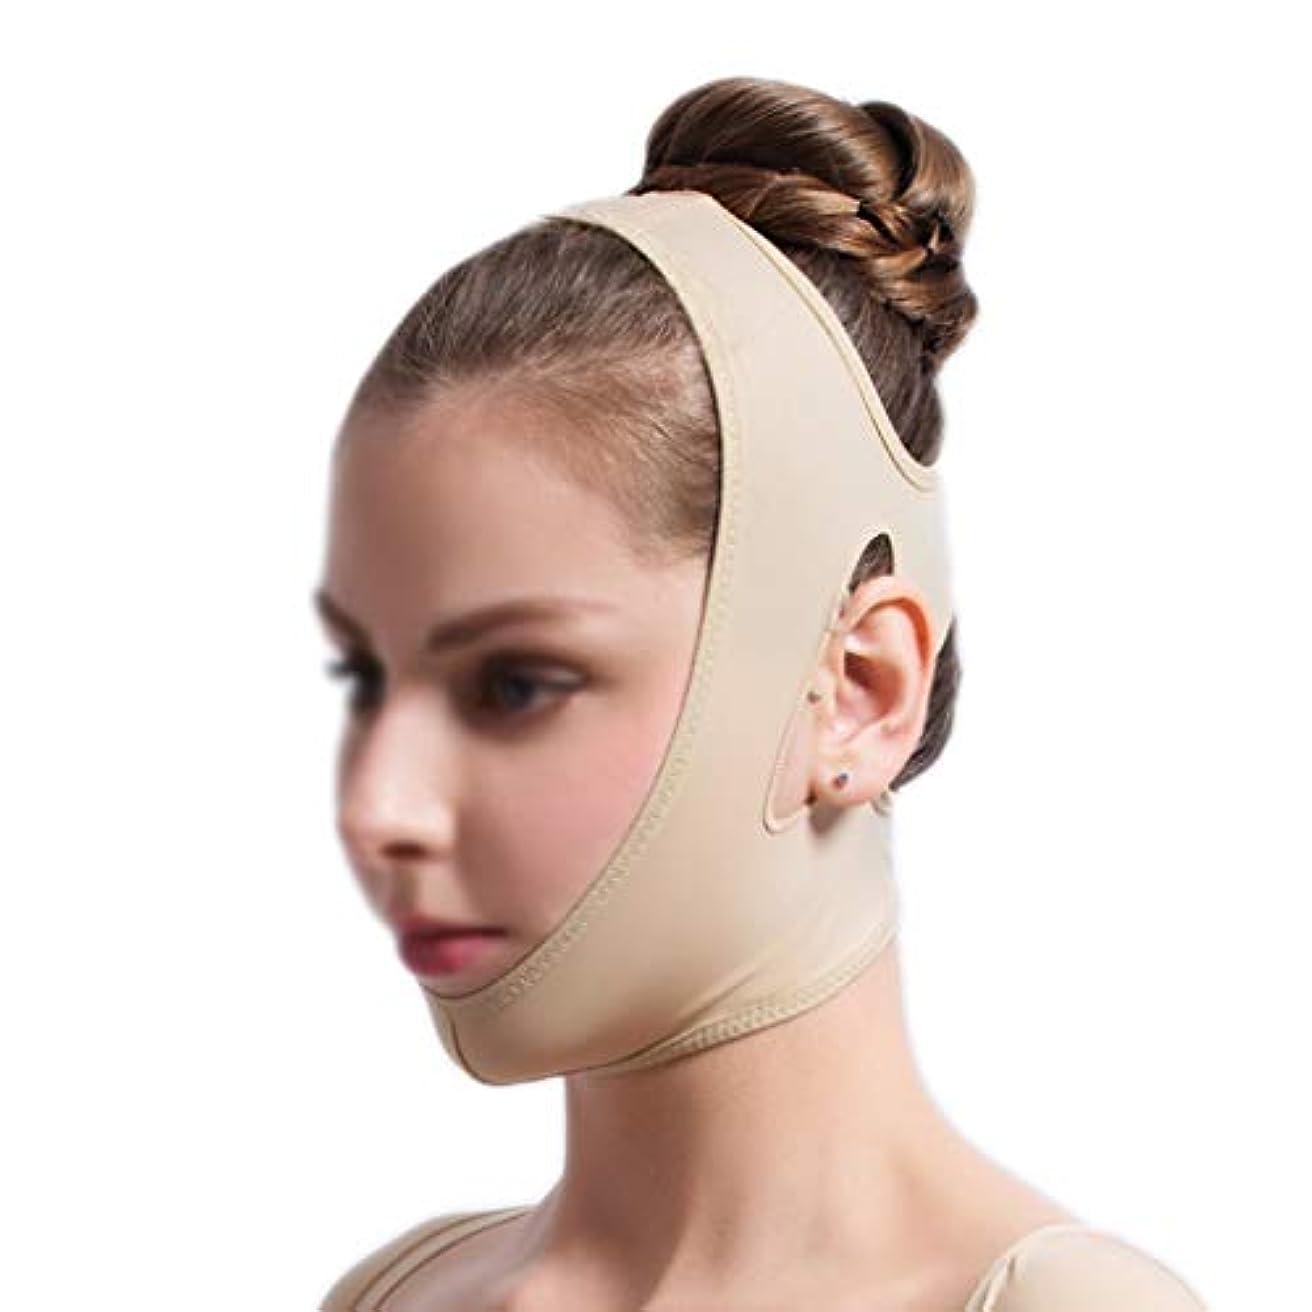 出発読書叫び声XHLMRMJ フェイスリフティング包帯、フェイシャル減量マスク、フェイシャルリフティング痩身ベルト、痩身頬マスク (Size : XXL)